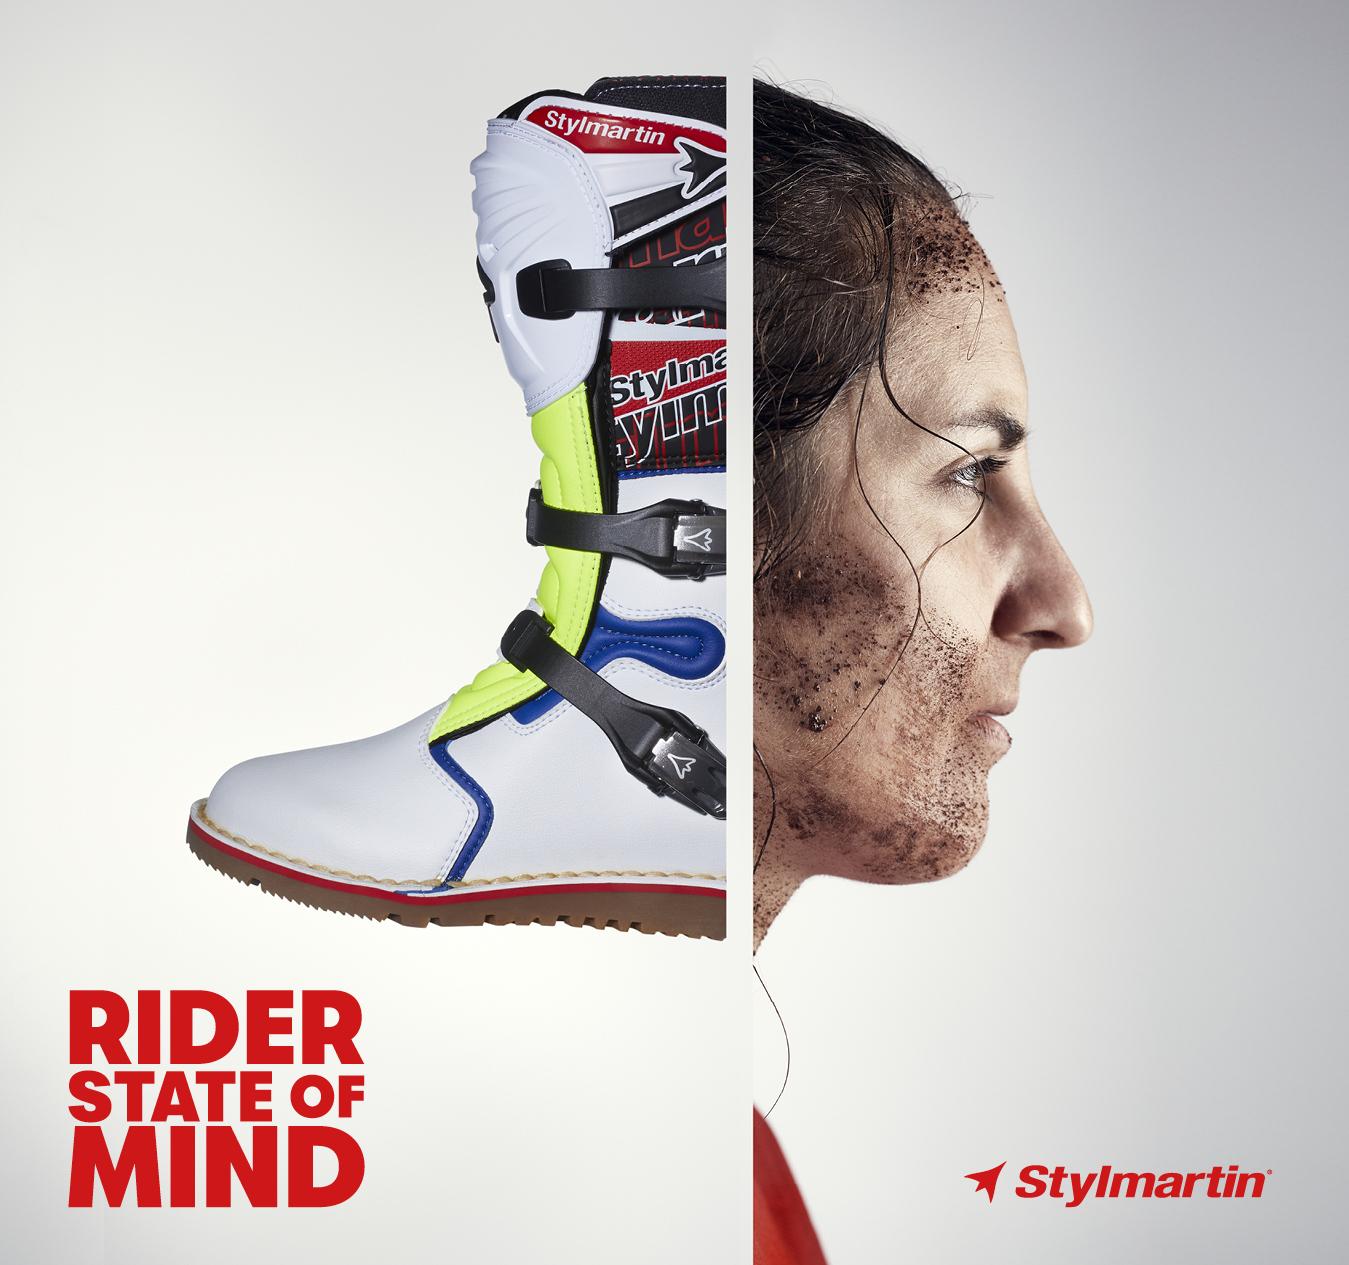 Stylmartin lancia la nuova campagna per la collezione Hero Styl 2020/21 di stivali Racing, Off-road e Minimoto.